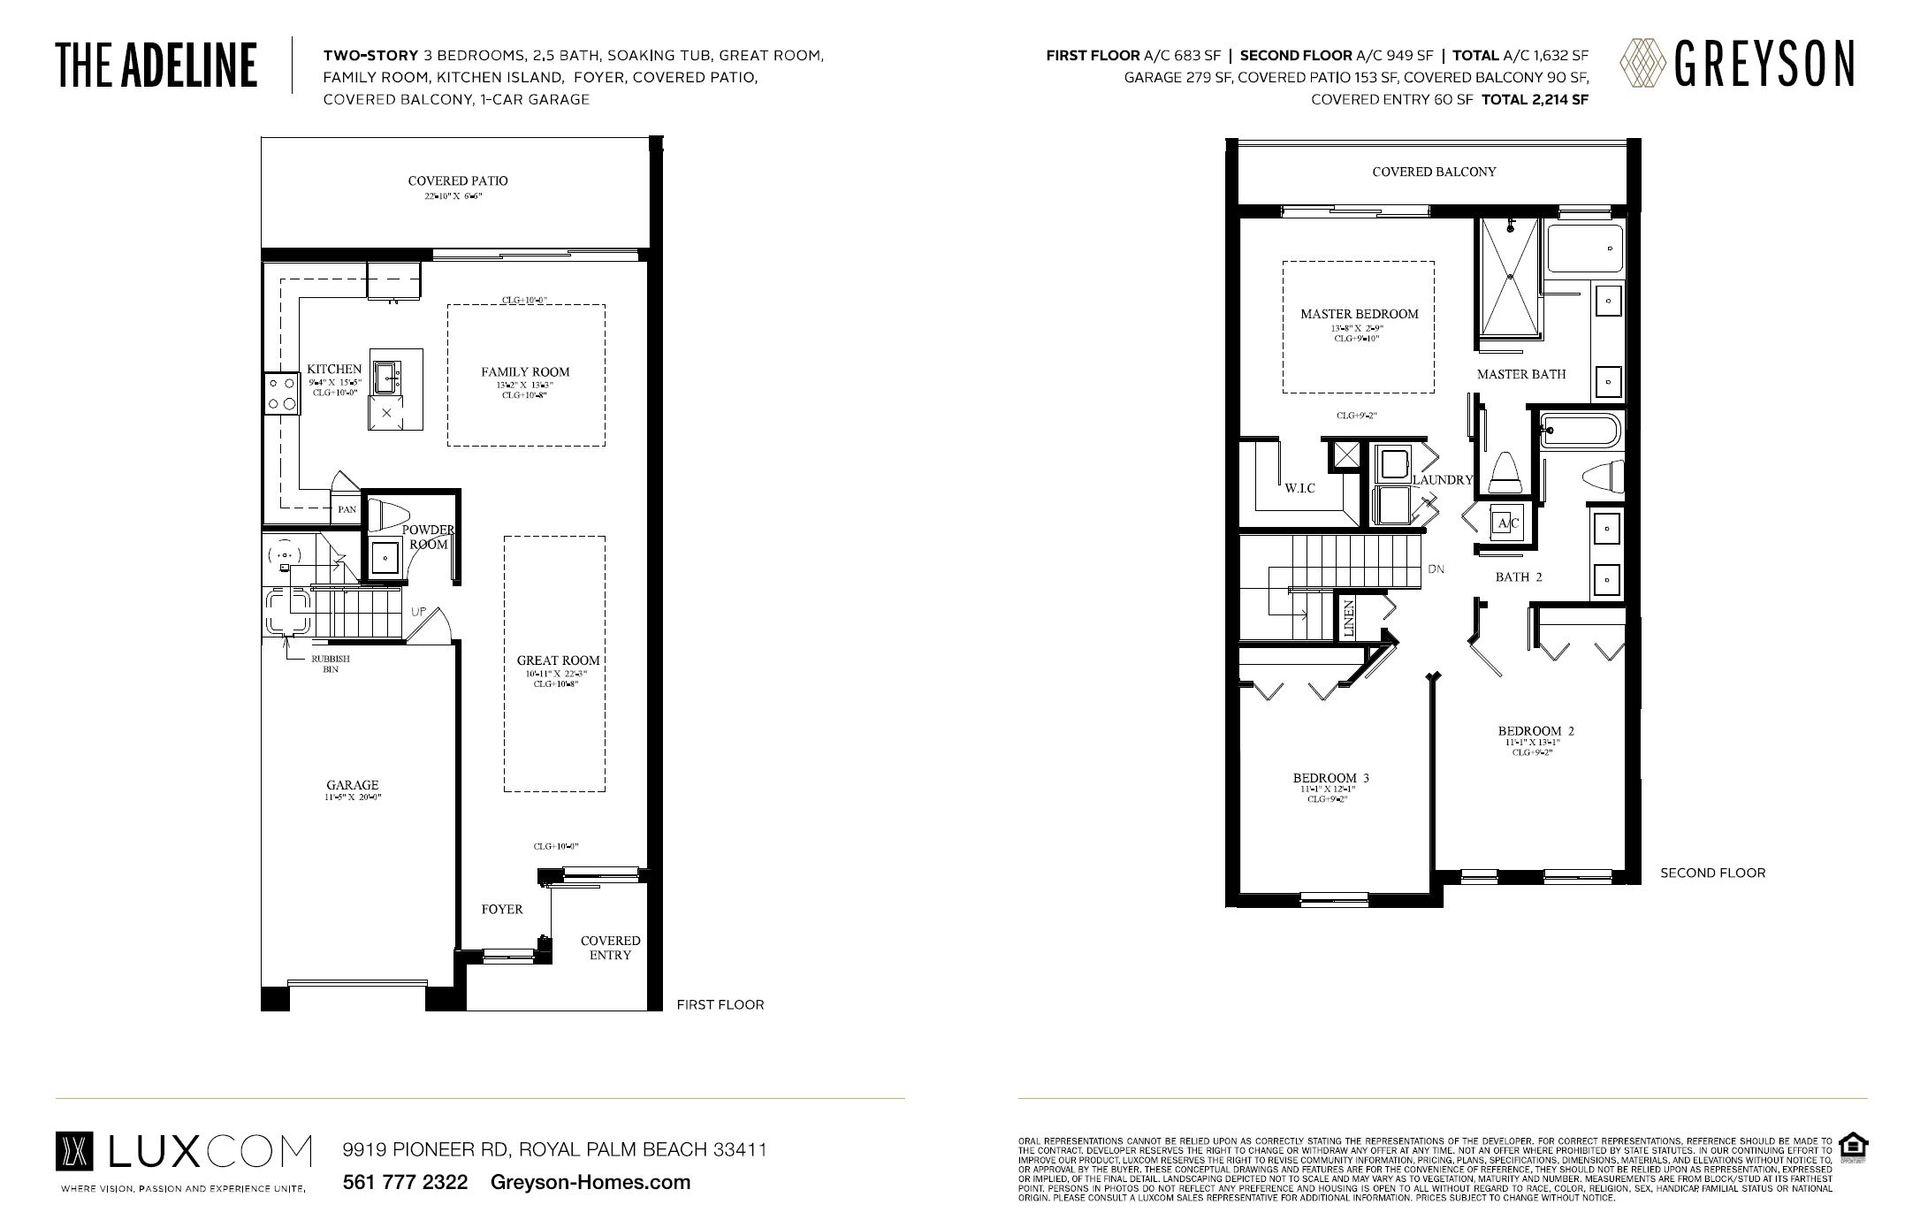 The Adeline: First Floor & Second Floor